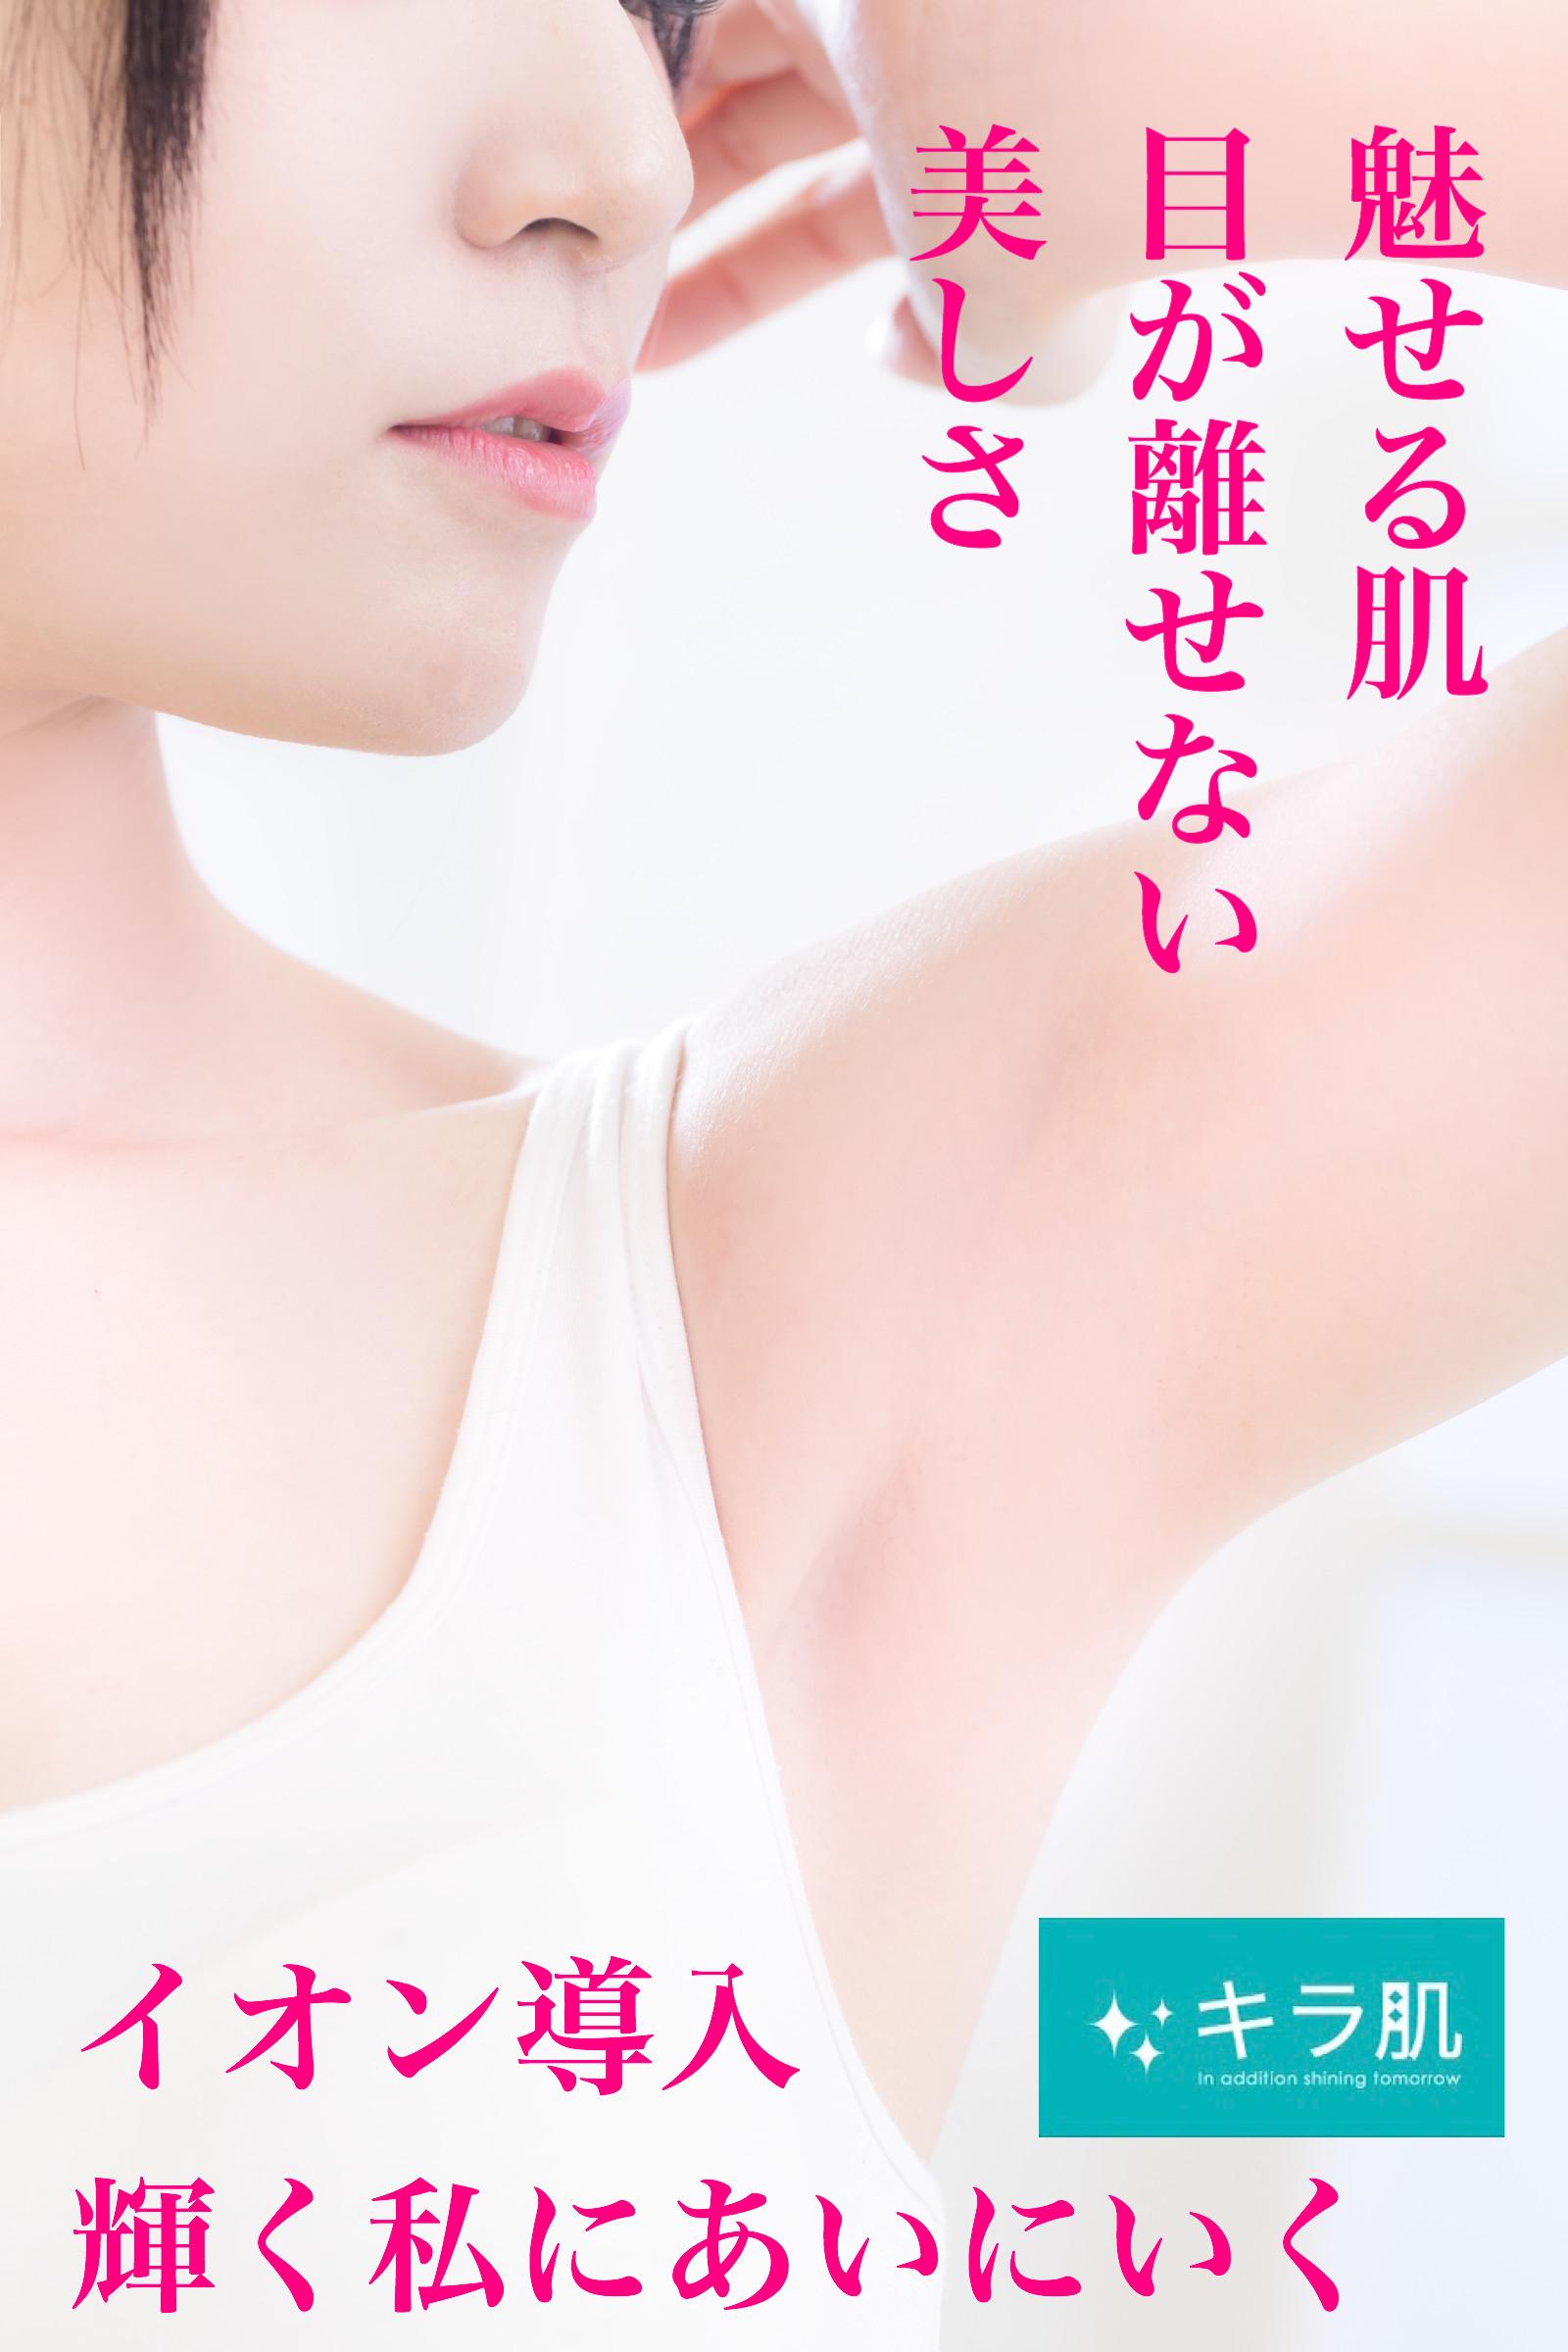 松江市乃木駅付近脱毛サロン キラ肌松江店